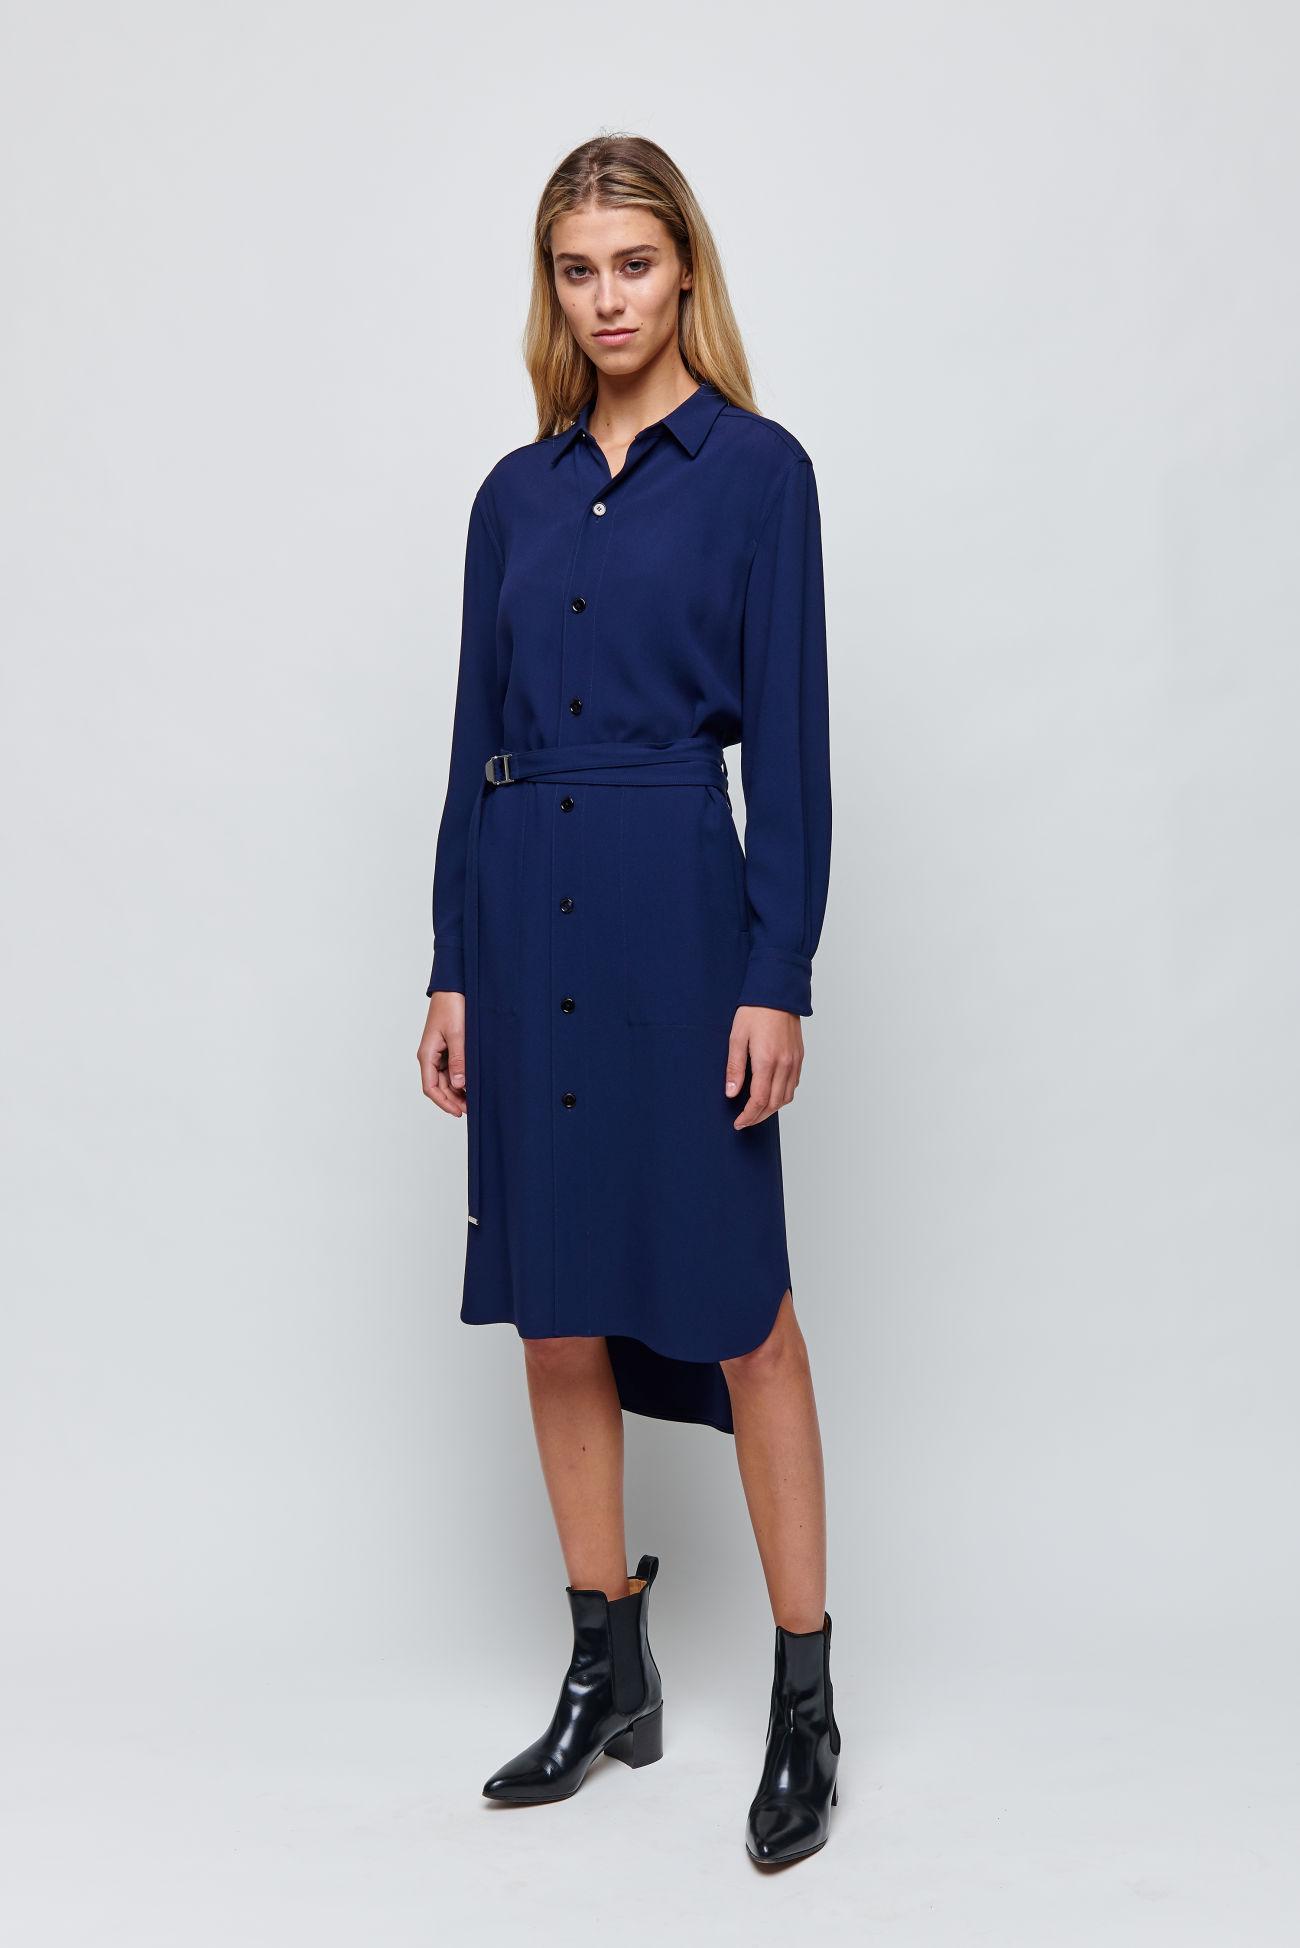 Stylish business dress